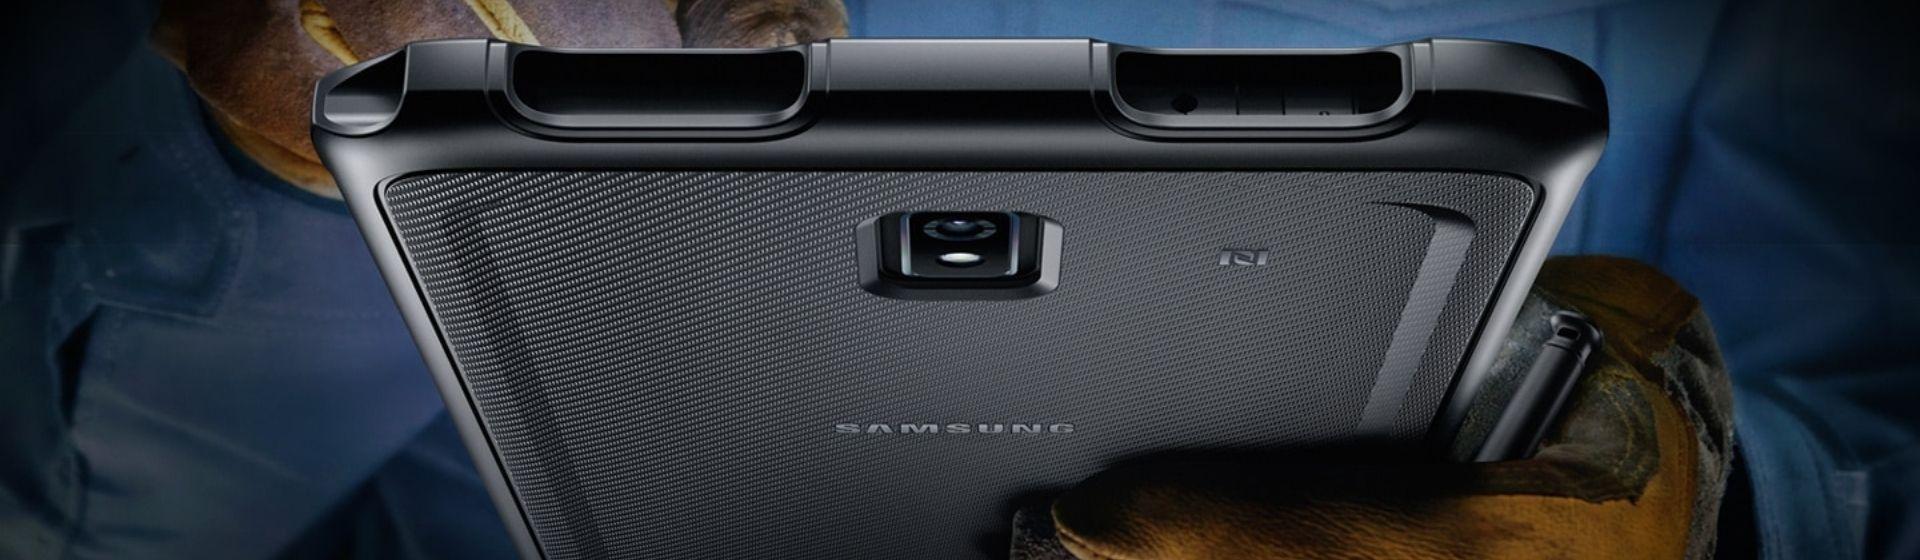 Galaxy Tab Active3: tablet resistente da Samsung chega ao Brasil